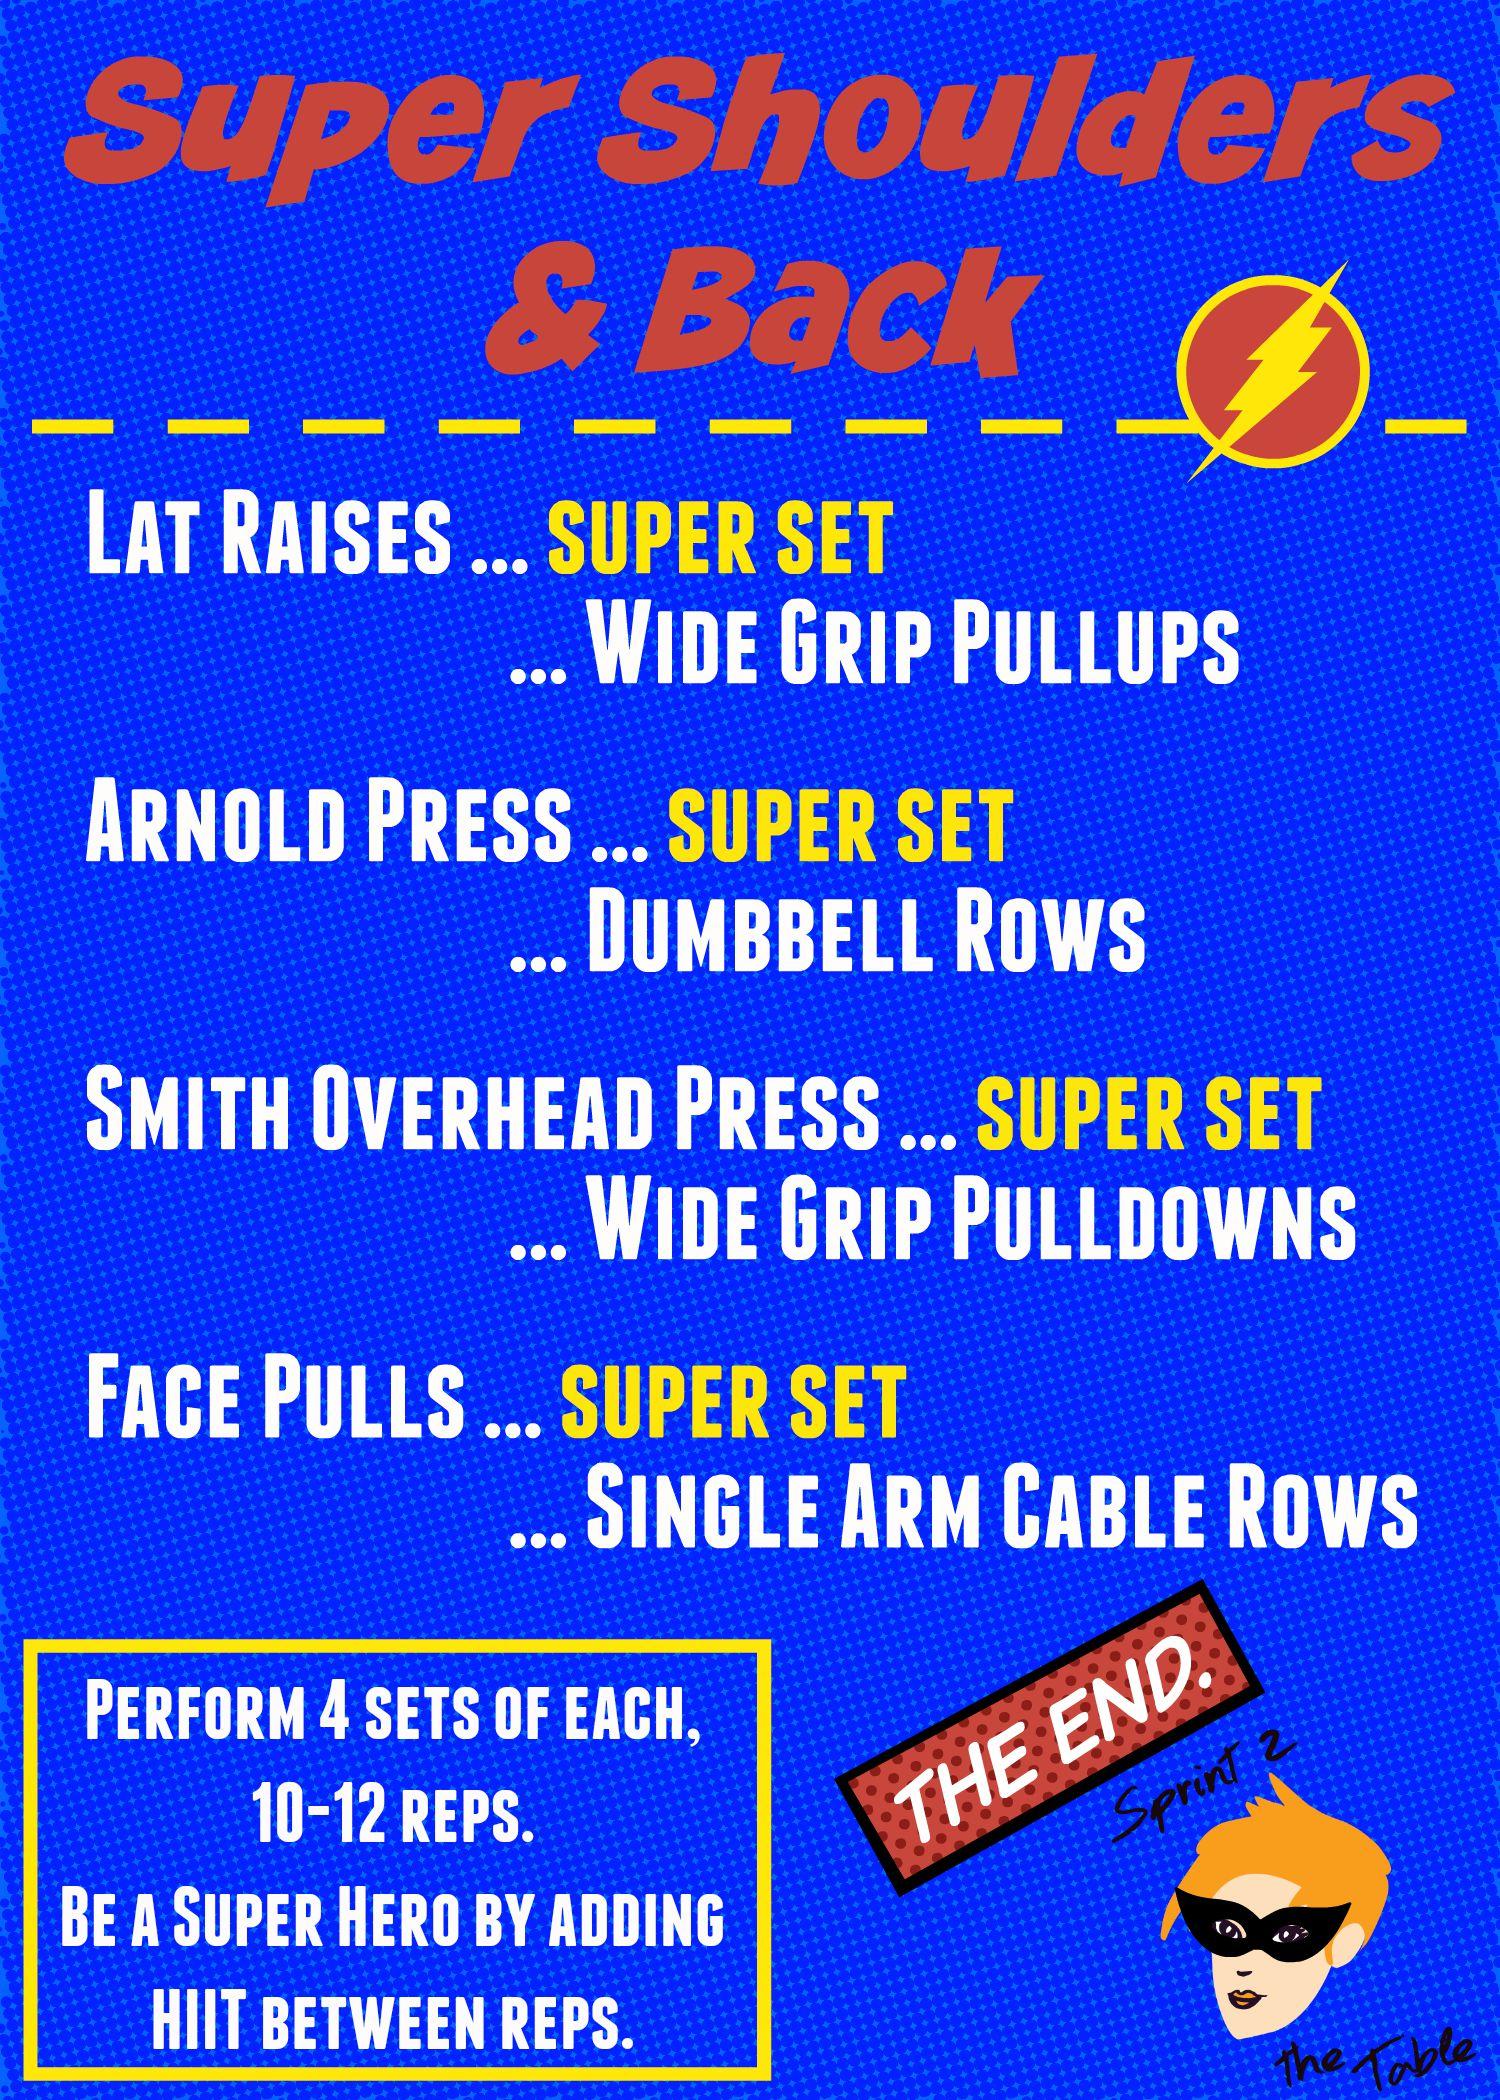 Super Shoulders & Back Workout